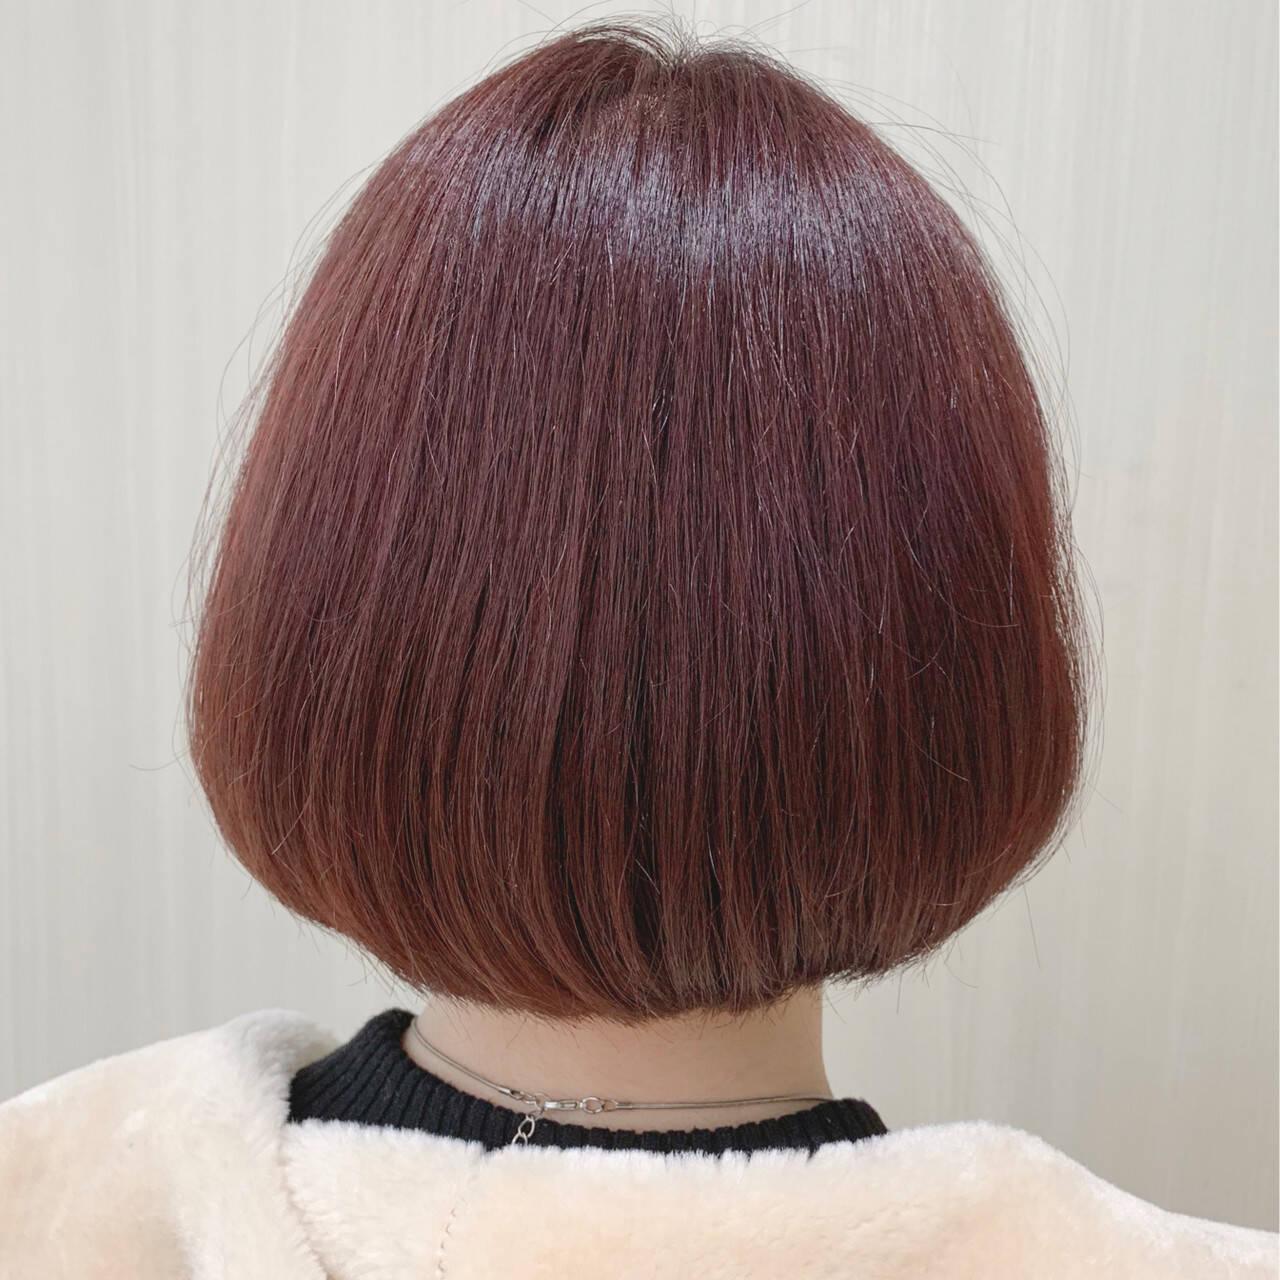 ボブ ワンレングス ストレート ナチュラルヘアスタイルや髪型の写真・画像